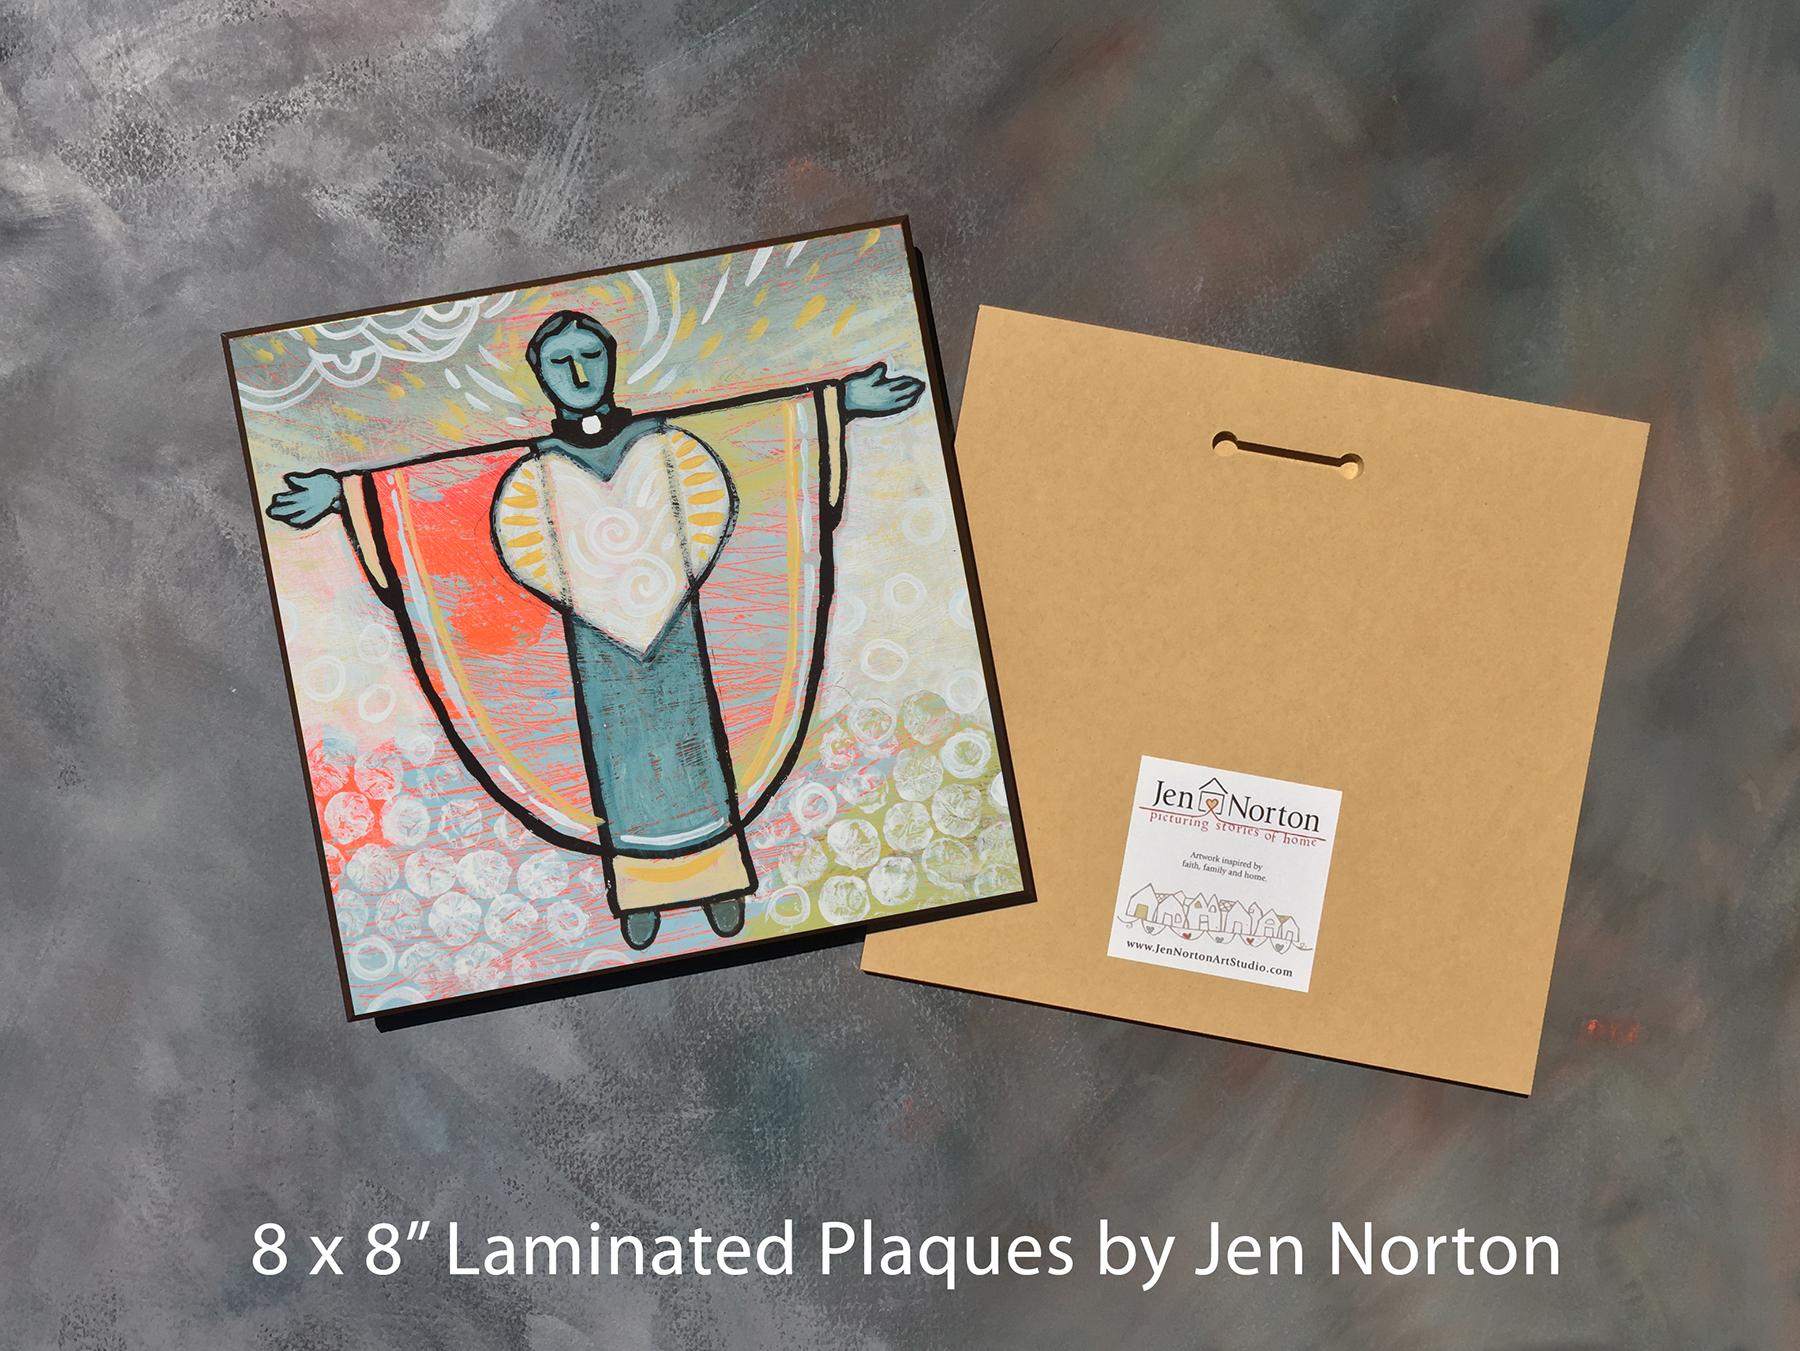 Laminated Plaques: 8x8